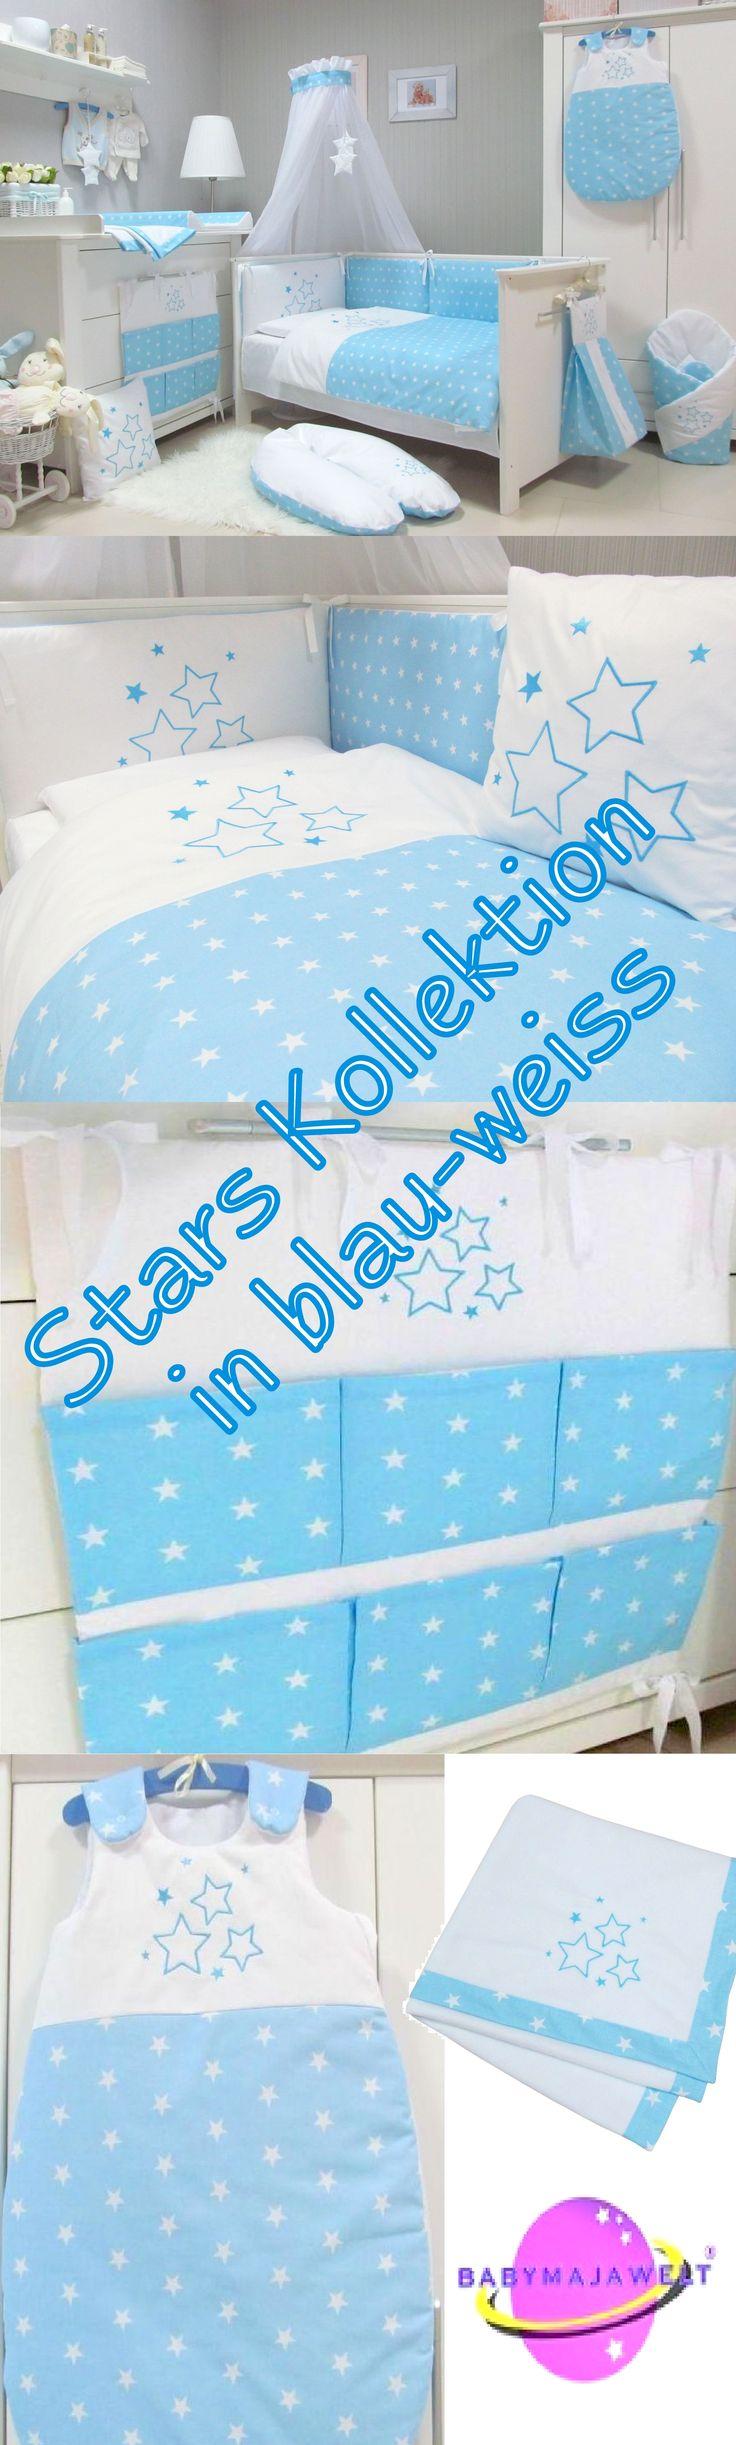 Babymajawelt® Komplettes Kinderzimmer in schönen Farben von blau, grau bis zur rosa. Hier findest du alles. TOP Qualität, Blitz Versand